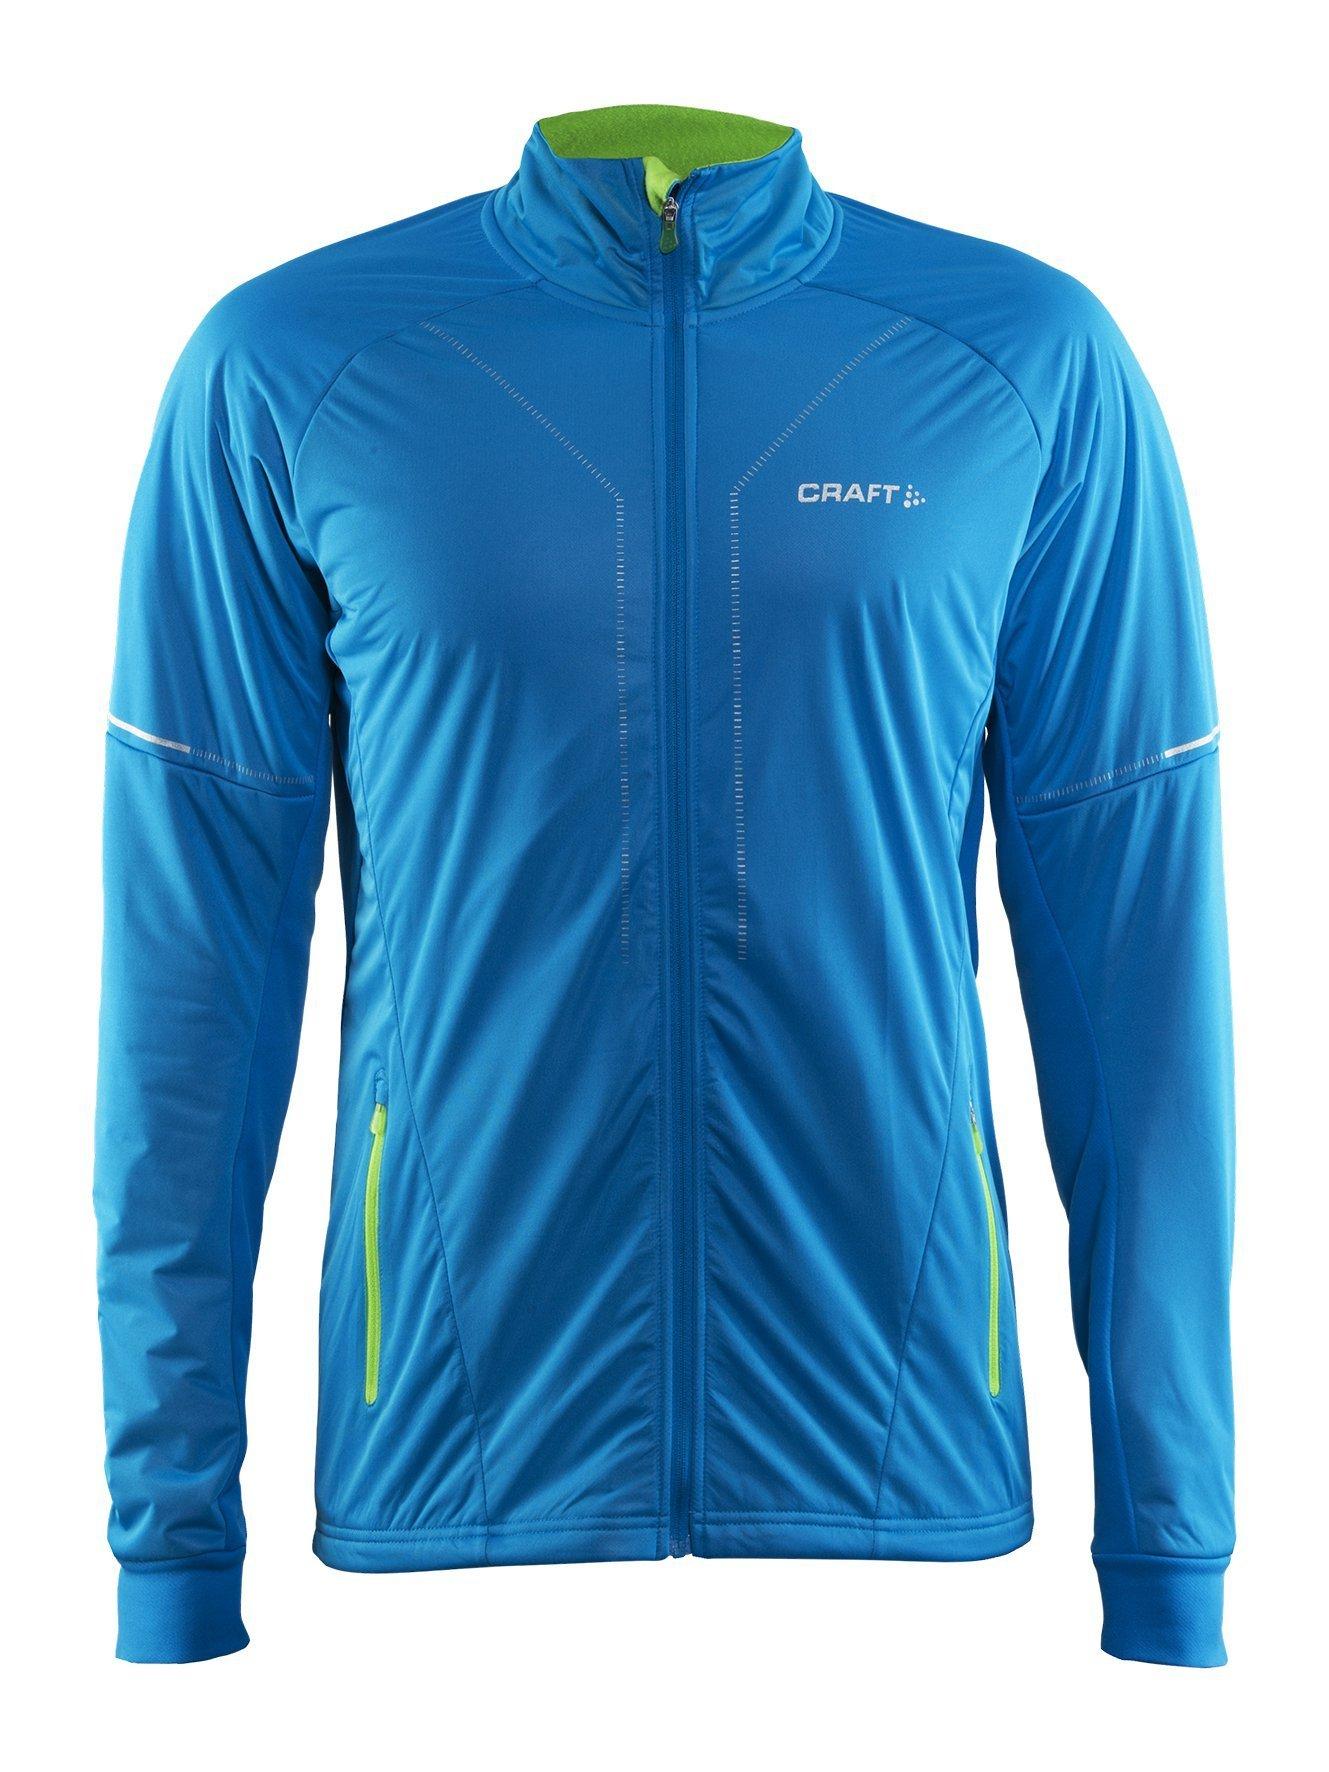 Мужская лыжная куртка Craft Storm 2.0 1904258-2661 синя